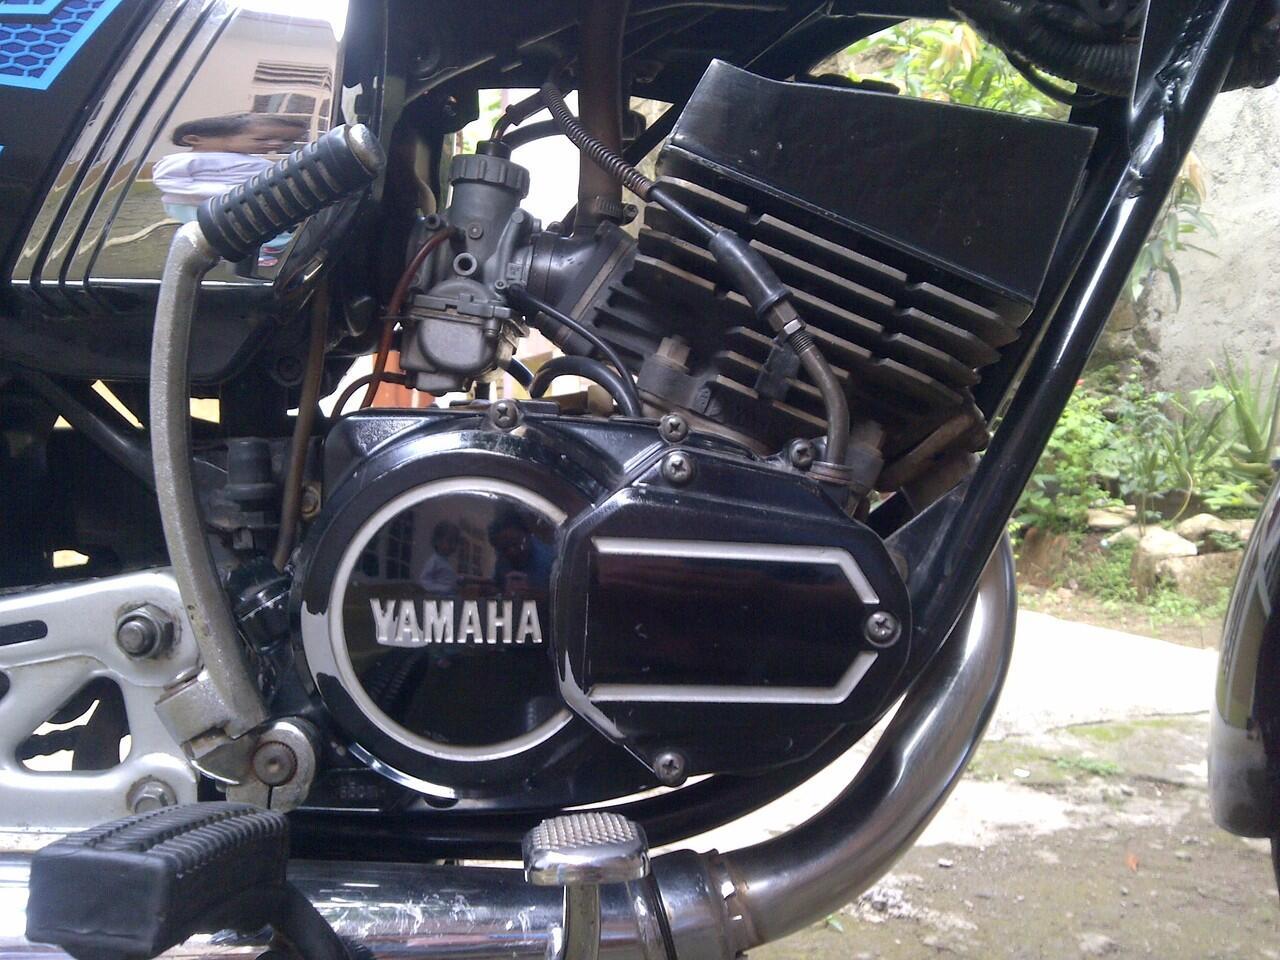 rx king 2004 termulus se indonesia + PAKAK PANJANG